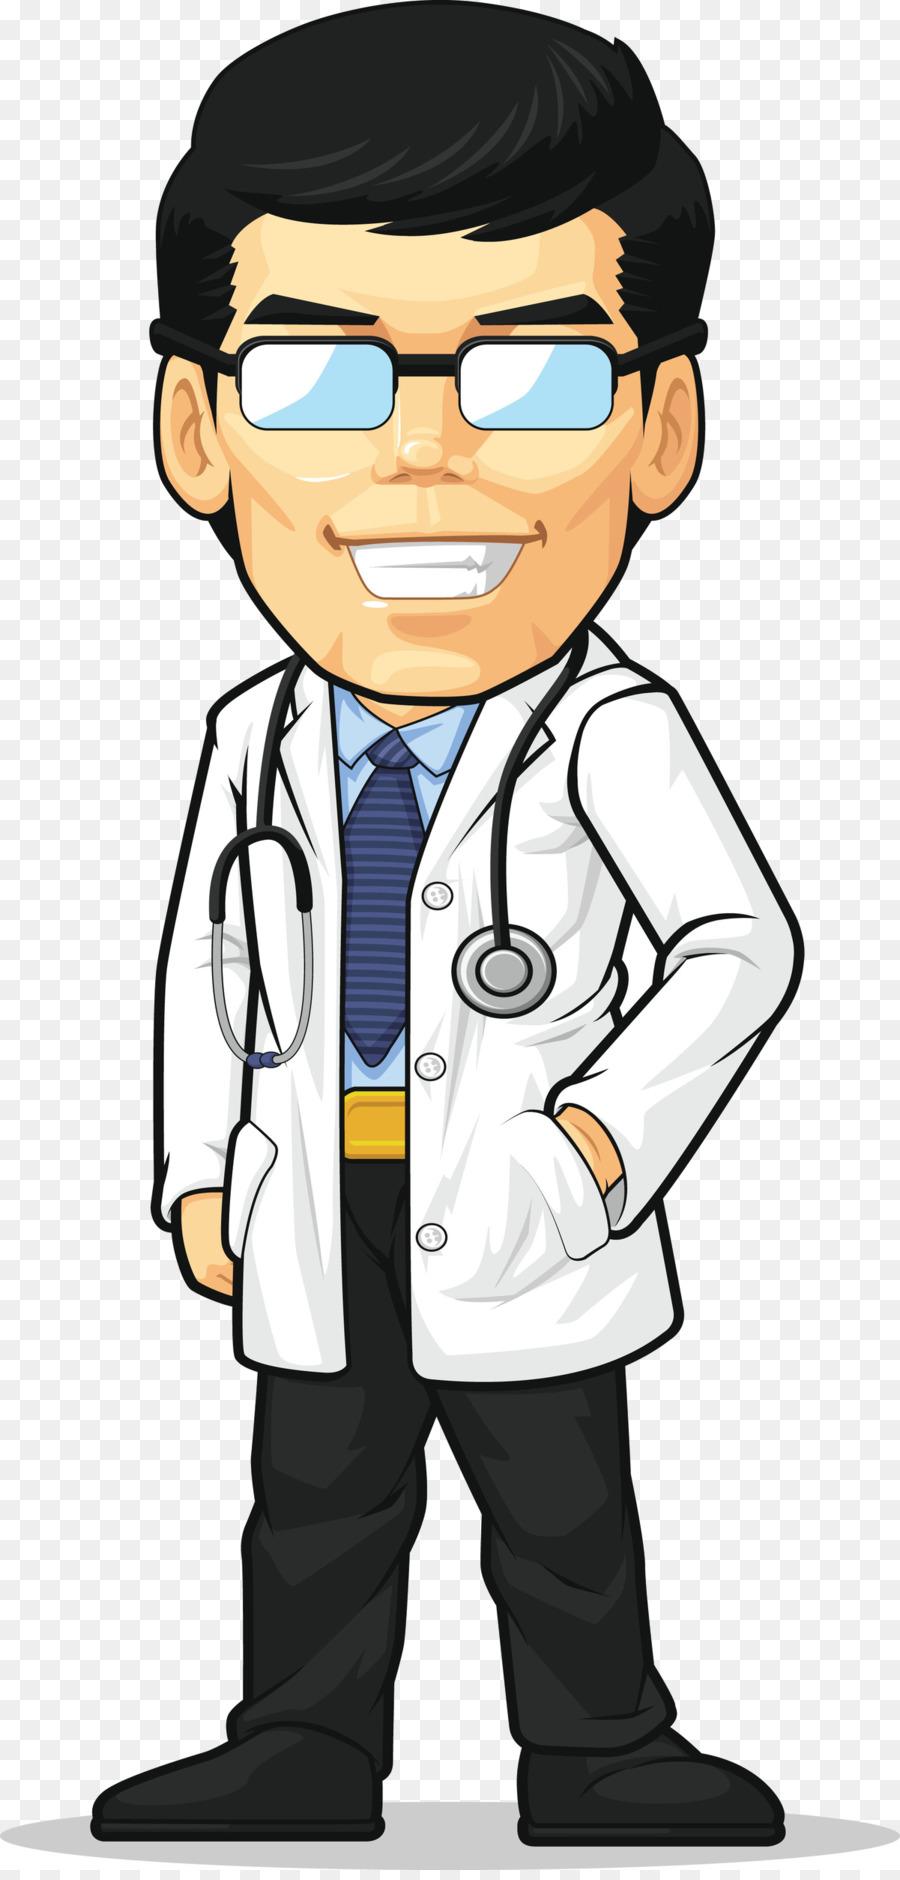 Descarga gratuita de De Dibujos Animados, Médico, Dibujo Imágen de Png